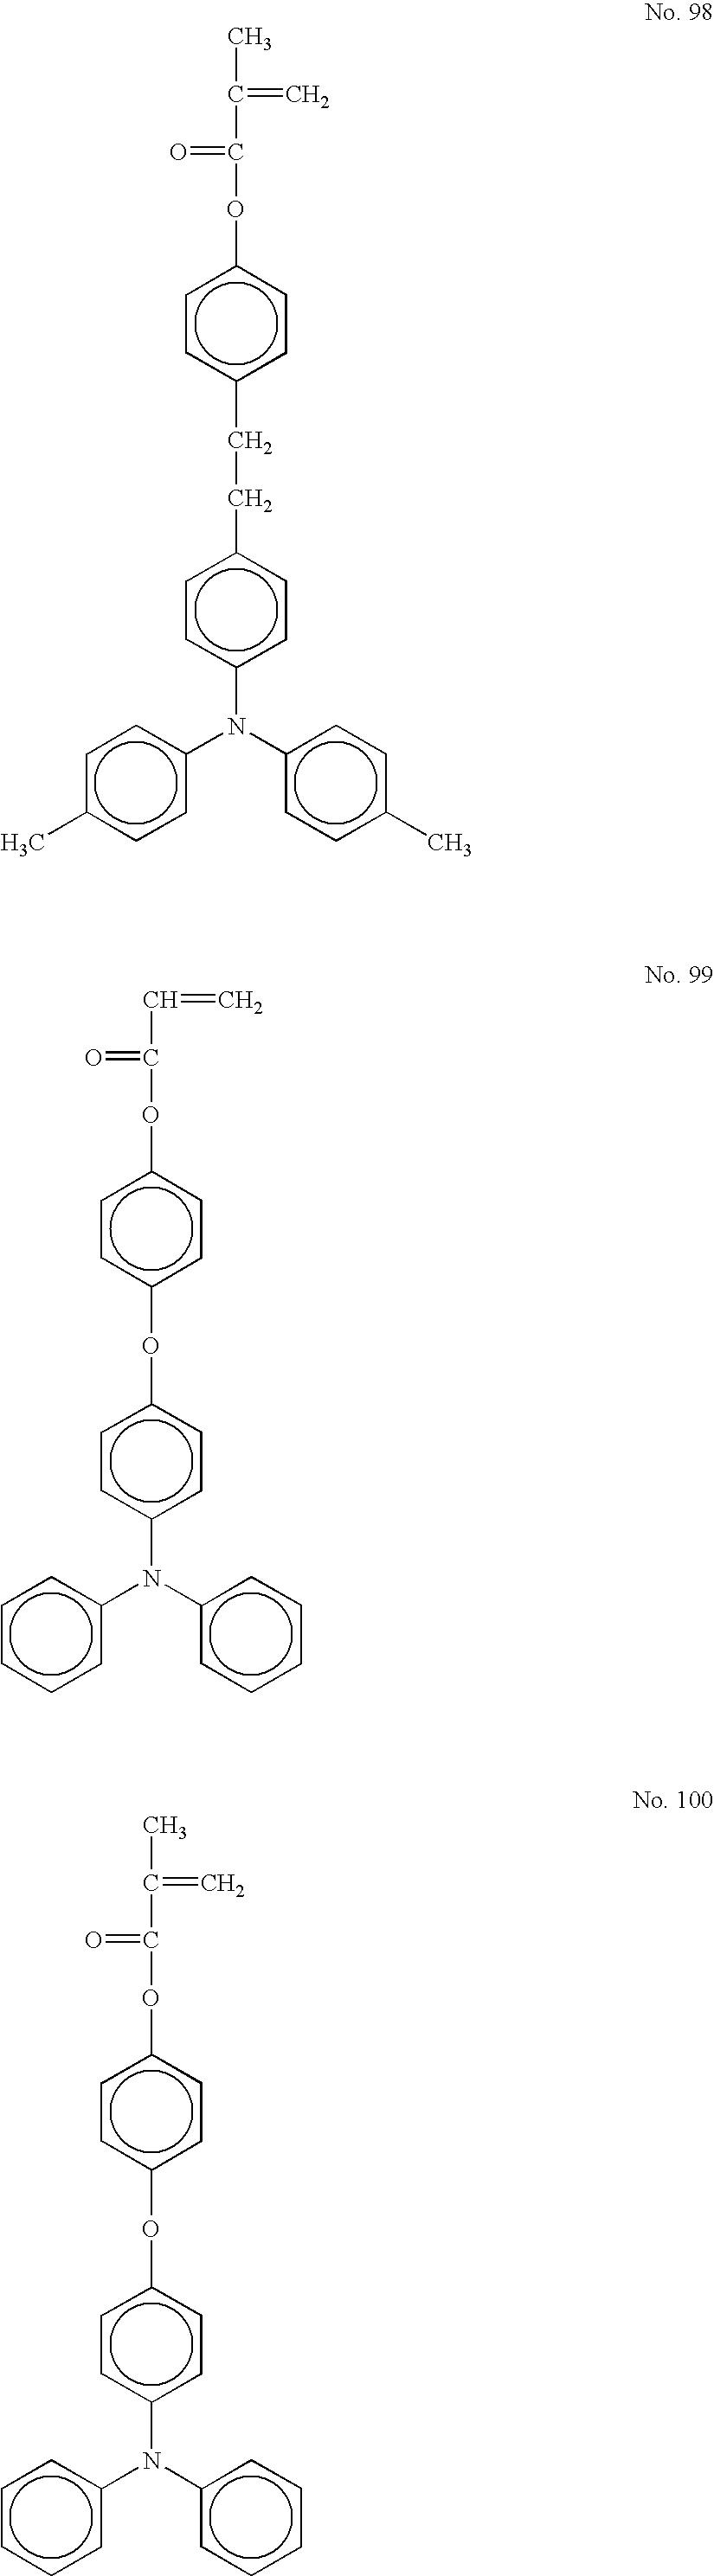 Figure US07175957-20070213-C00045